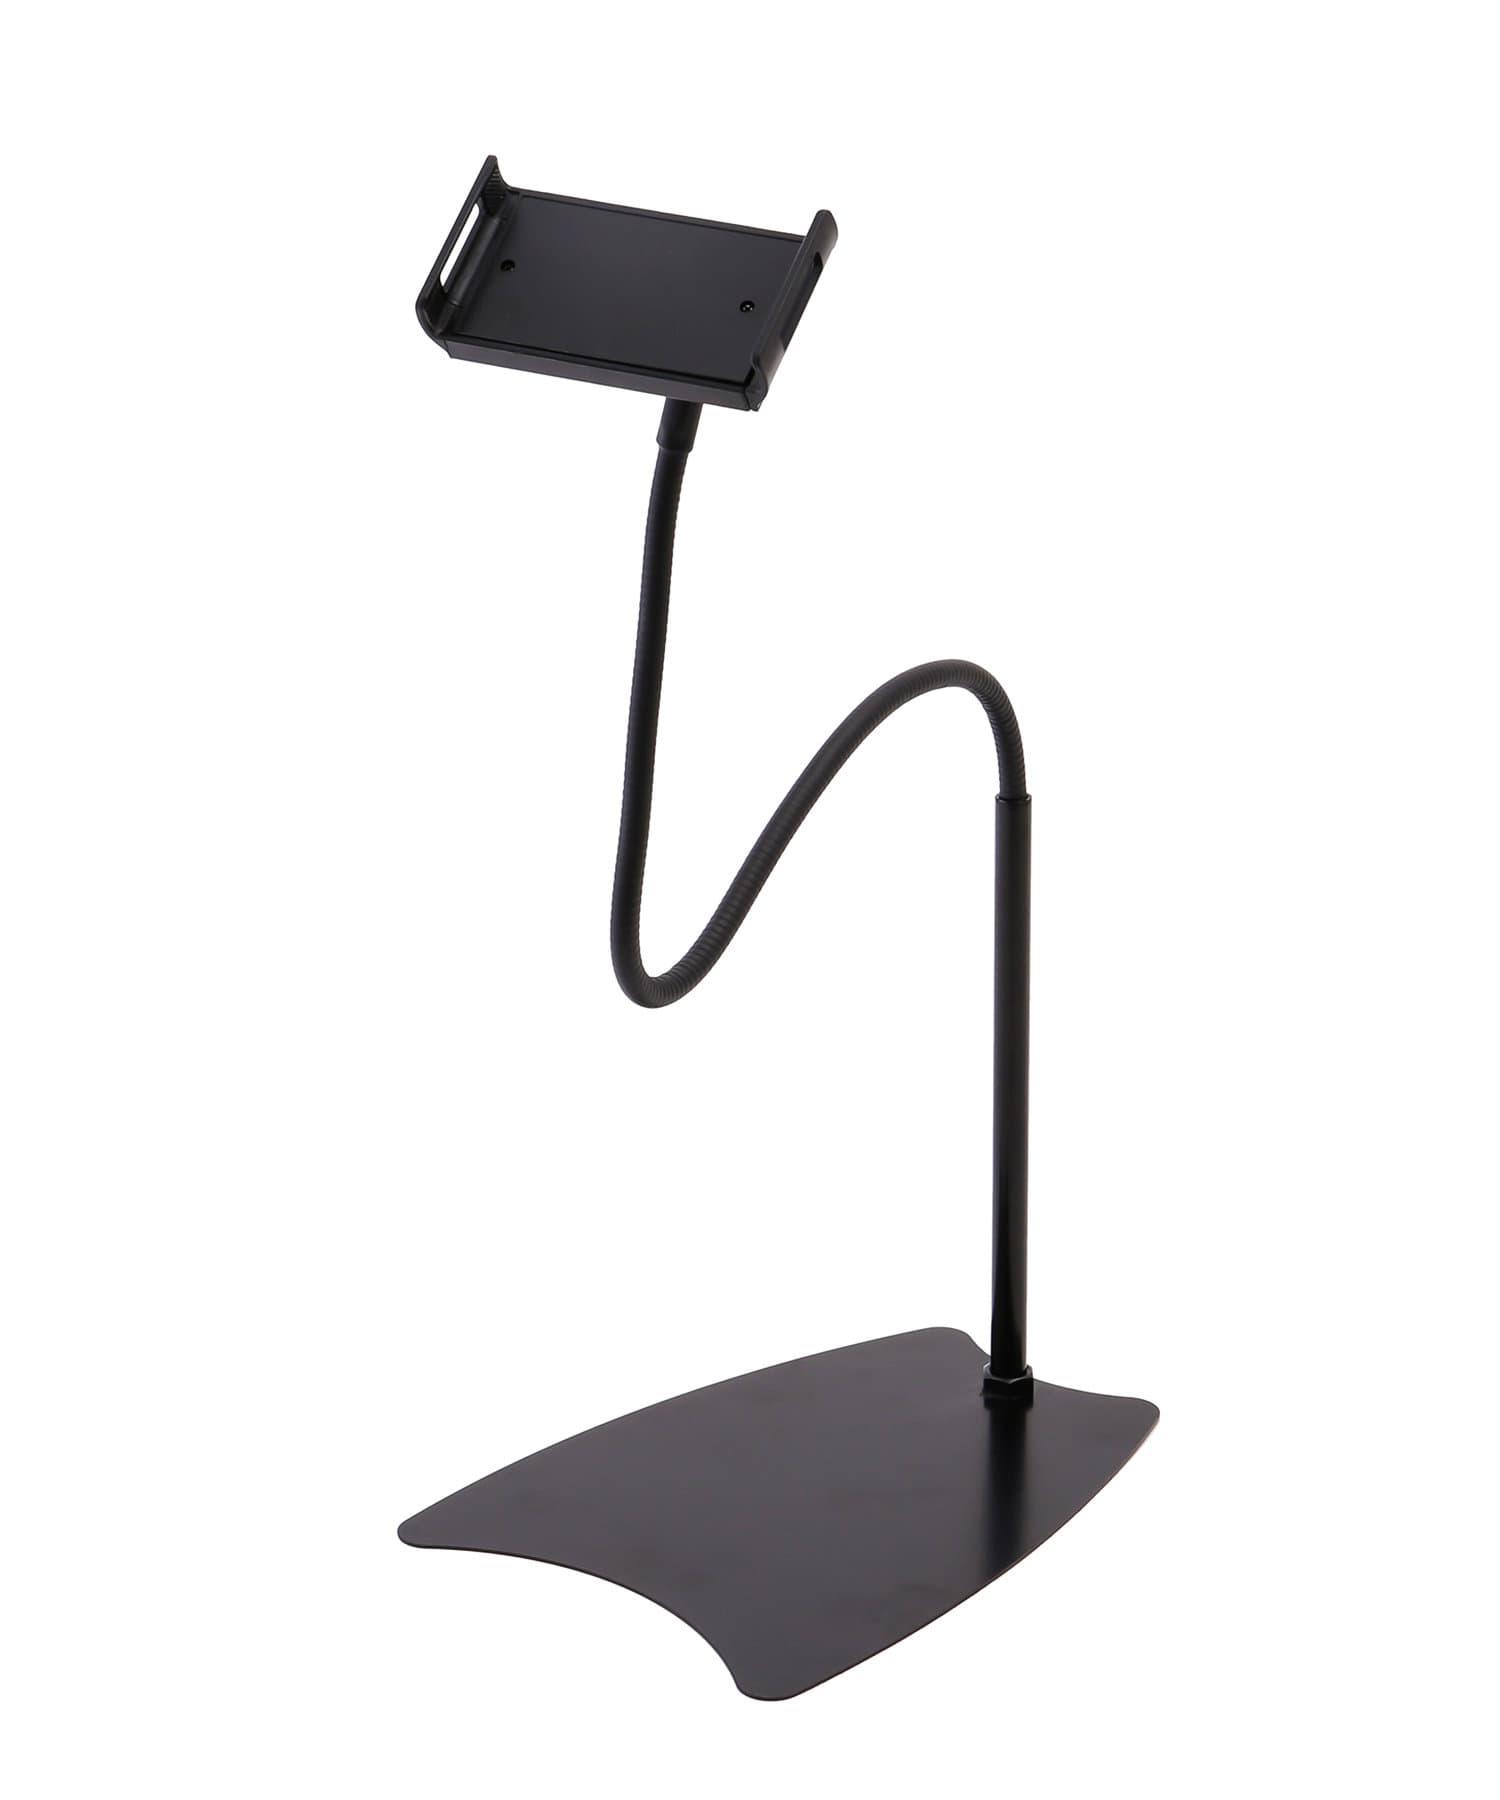 3COINS(スリーコインズ) ライフスタイル スマホ&タブレットスタンド ブラック